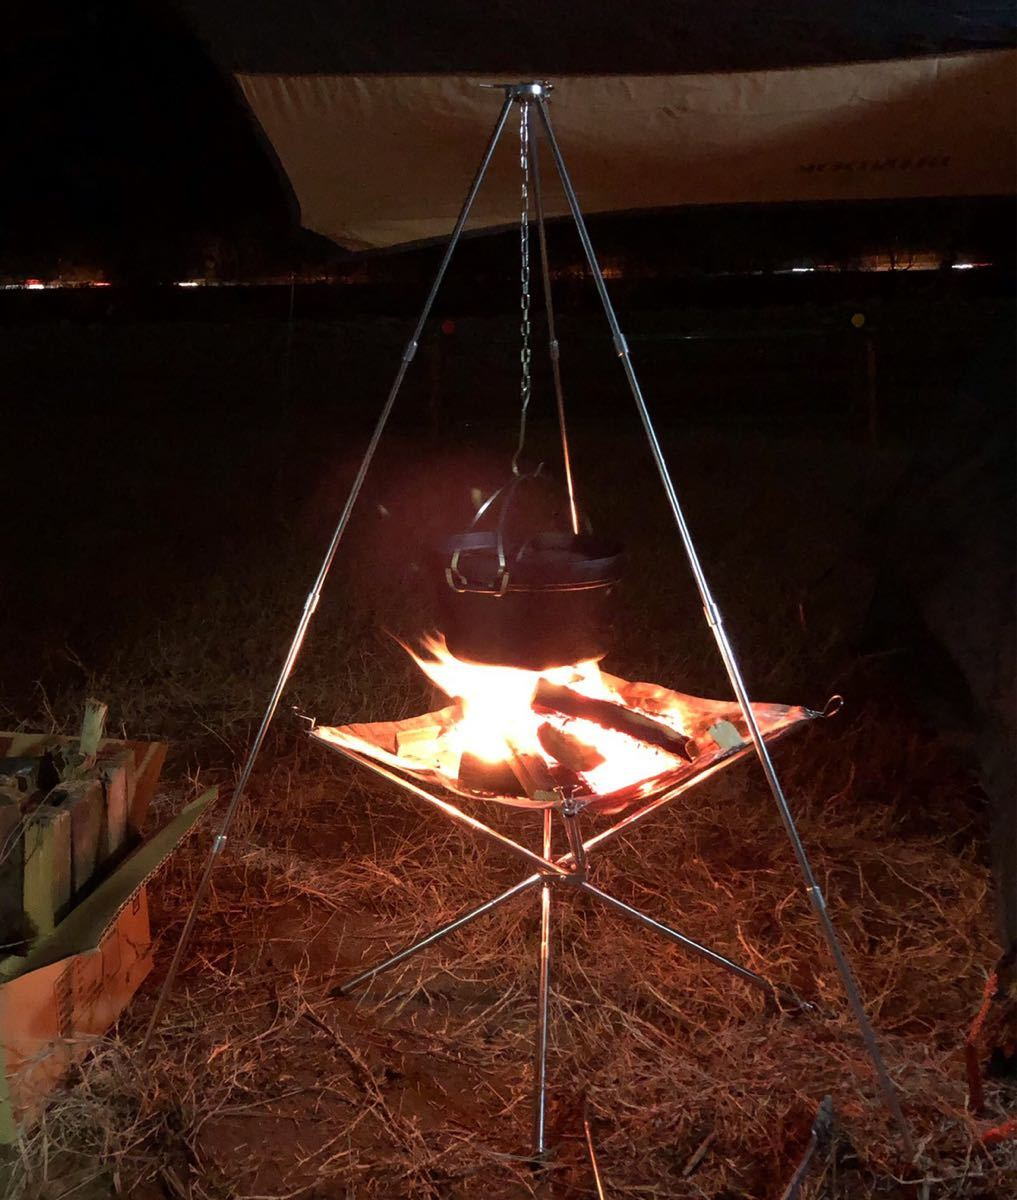 激安 焚き火台 トライポットセット 焚火台 バーベキューコンロ 折りたたみ 収納バッグ